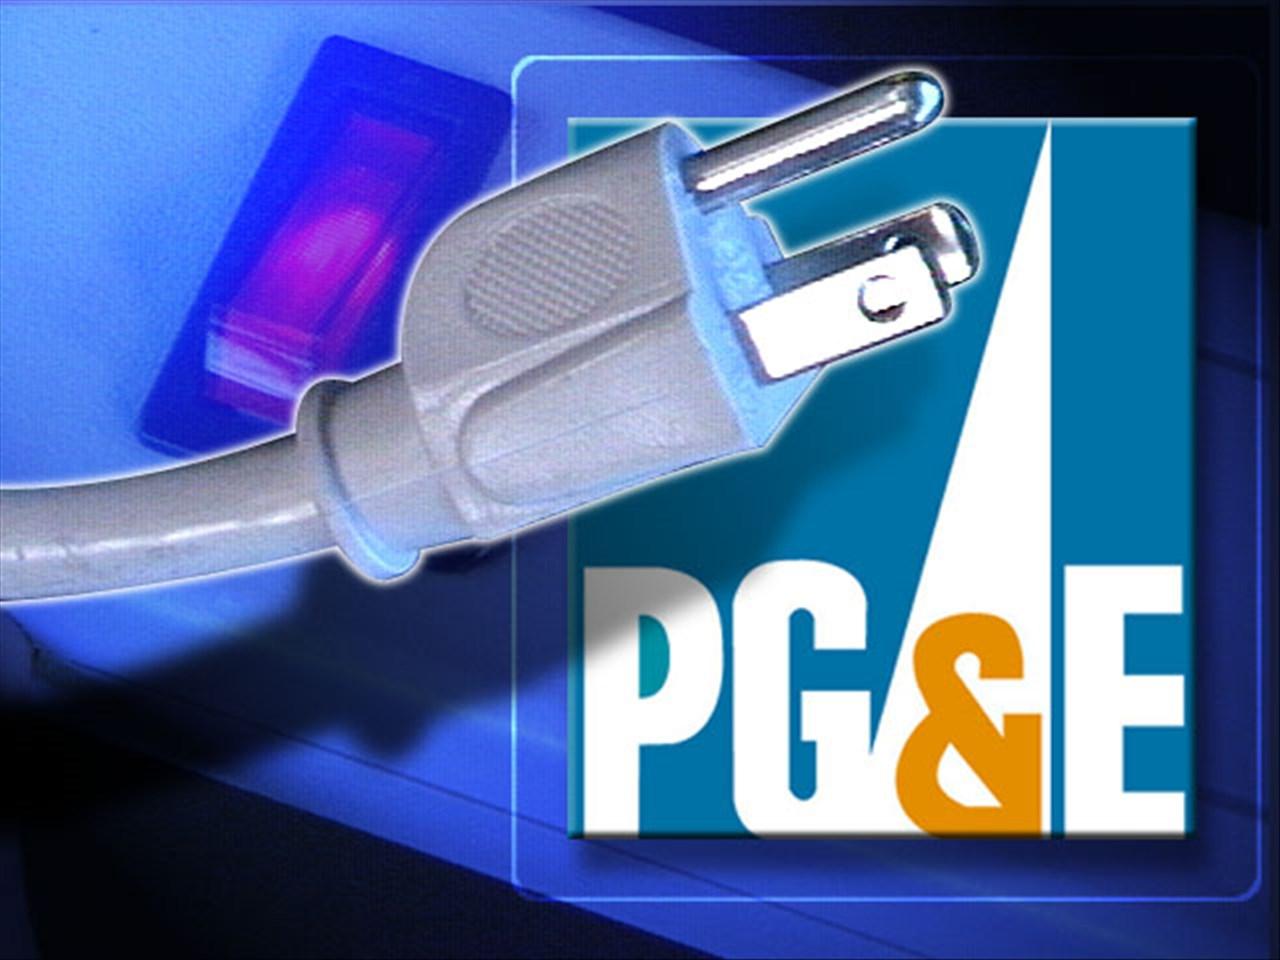 PG&E_1468283824539.jpg